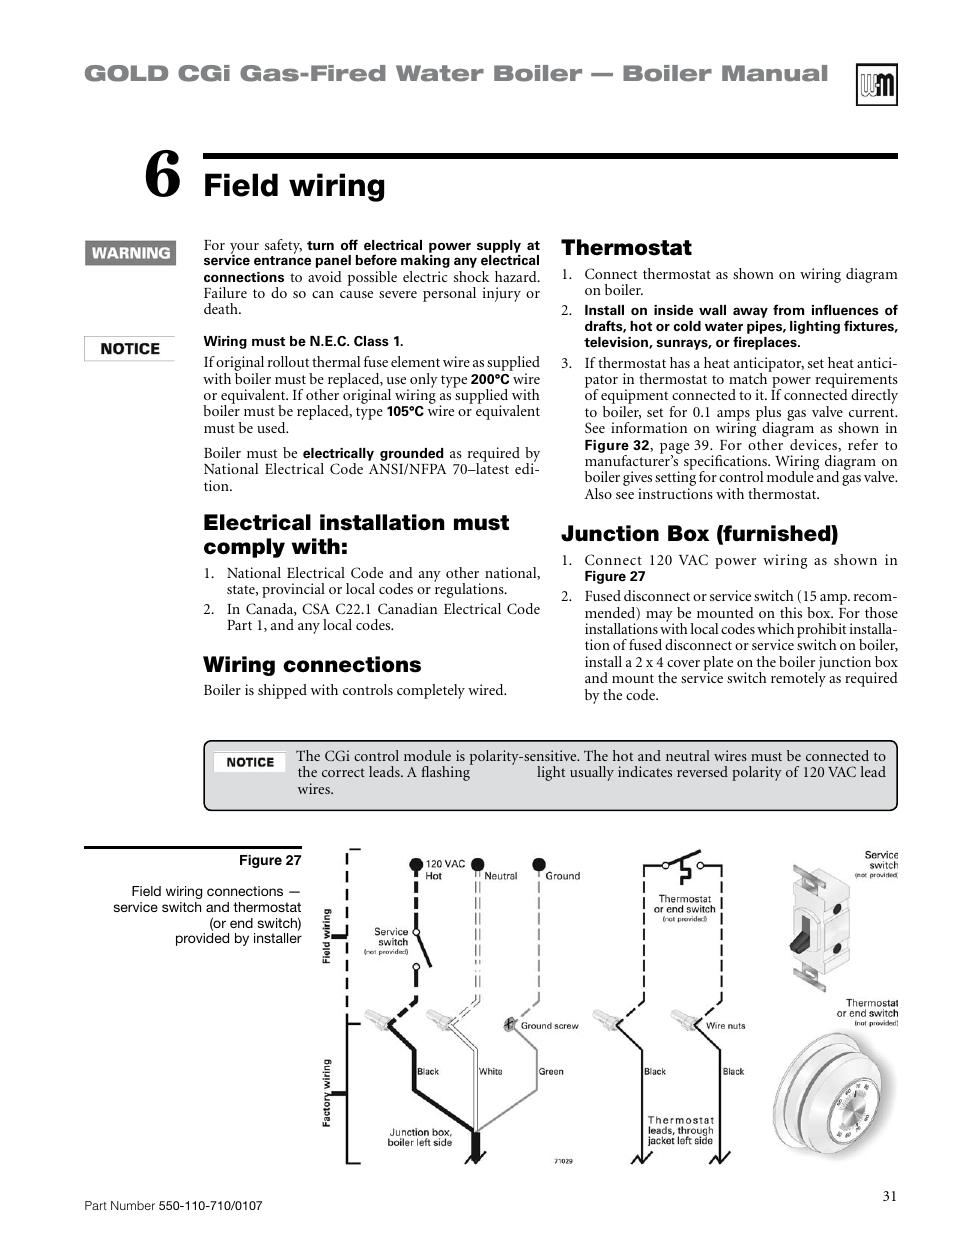 Ausgezeichnet Weil Mclain Ofen Ideen - Elektrische Schaltplan-Ideen ...